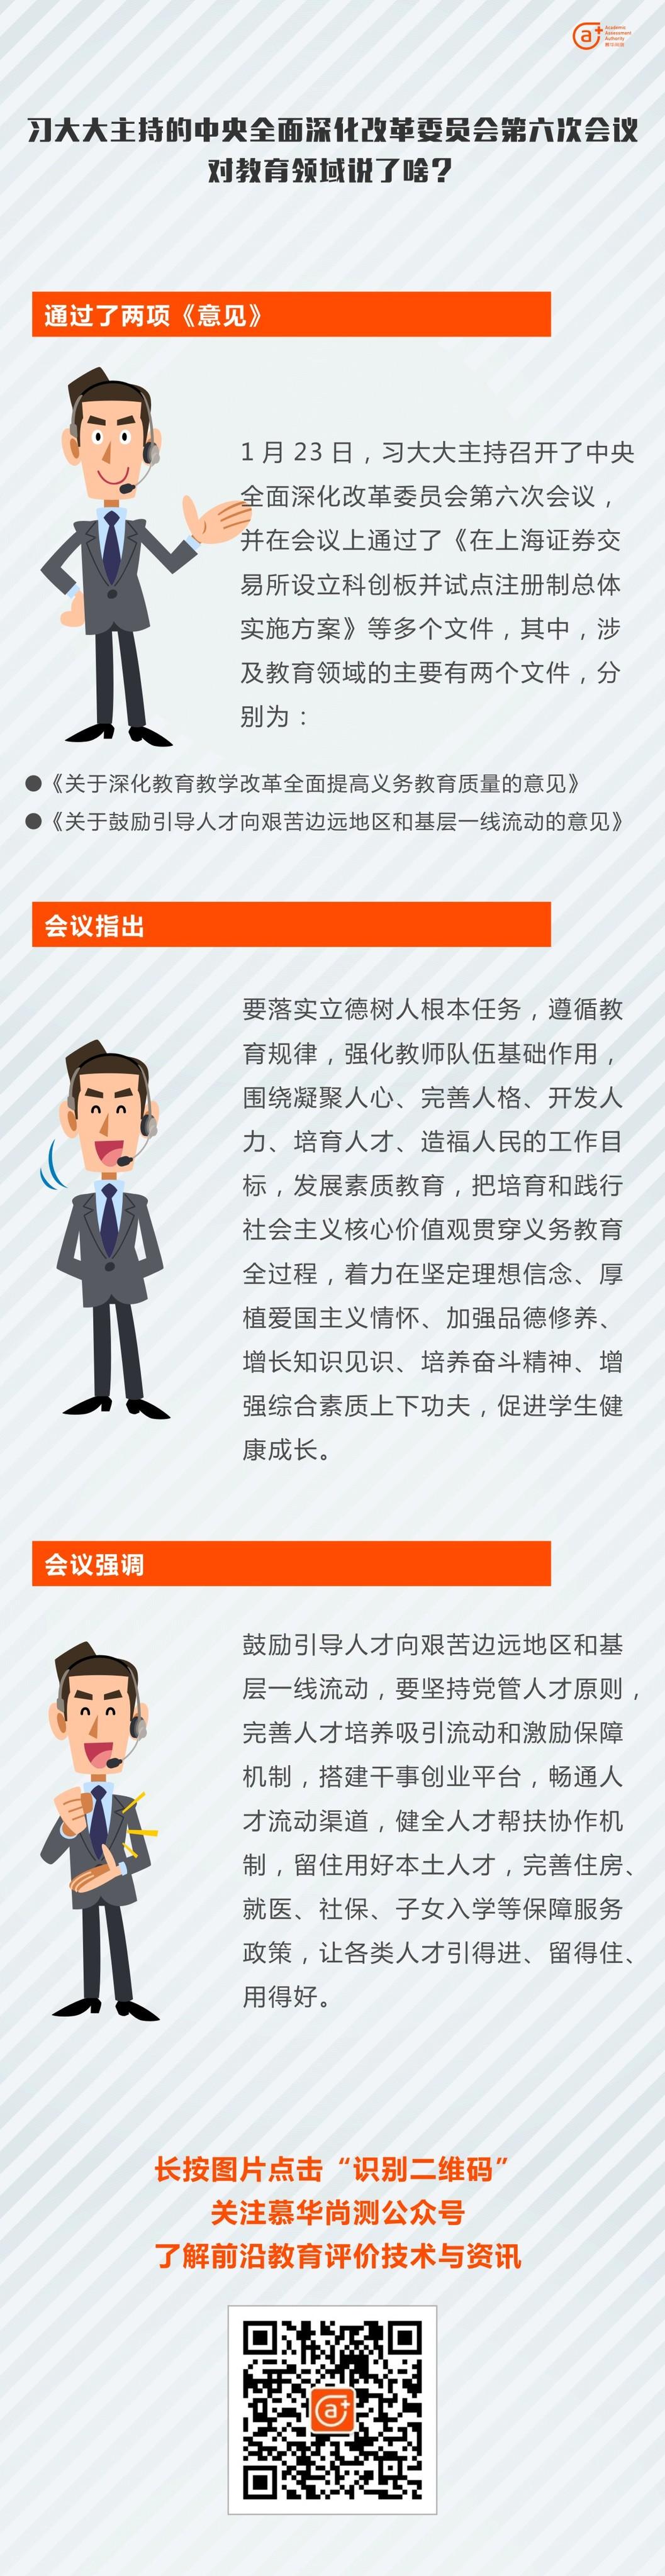 习大大主持的中央全面深化改革委员会第六次会议.jpg